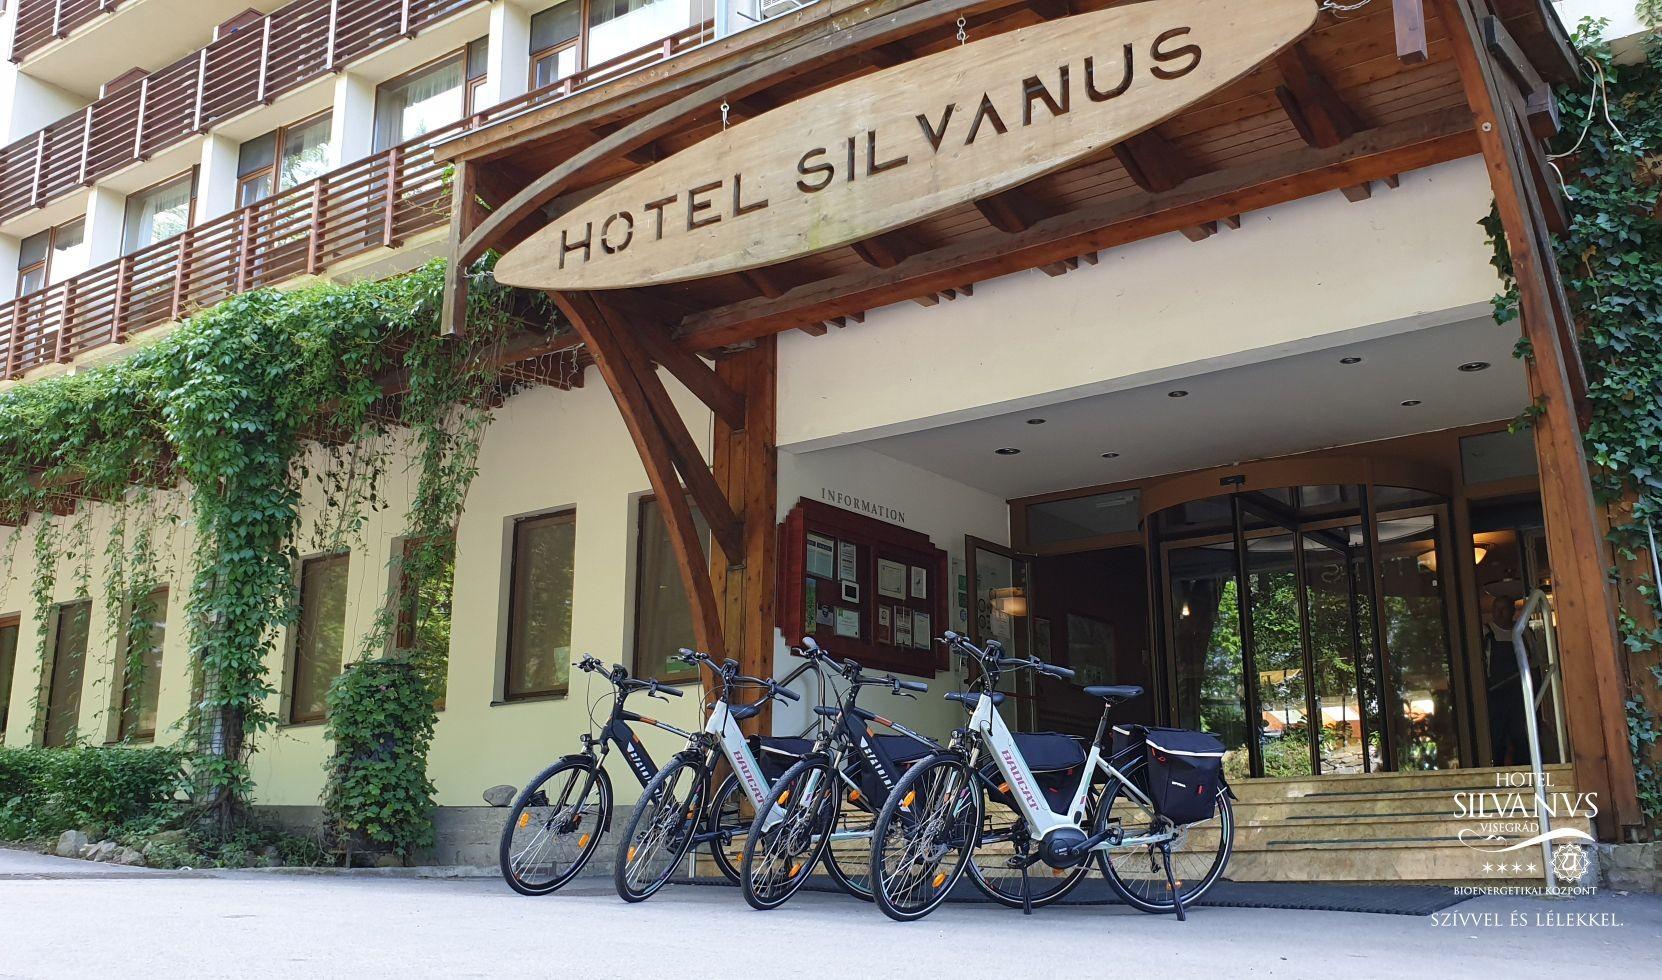 Alakul a Silvanus e-flotta - Megérkeztek az új e-bike-ok